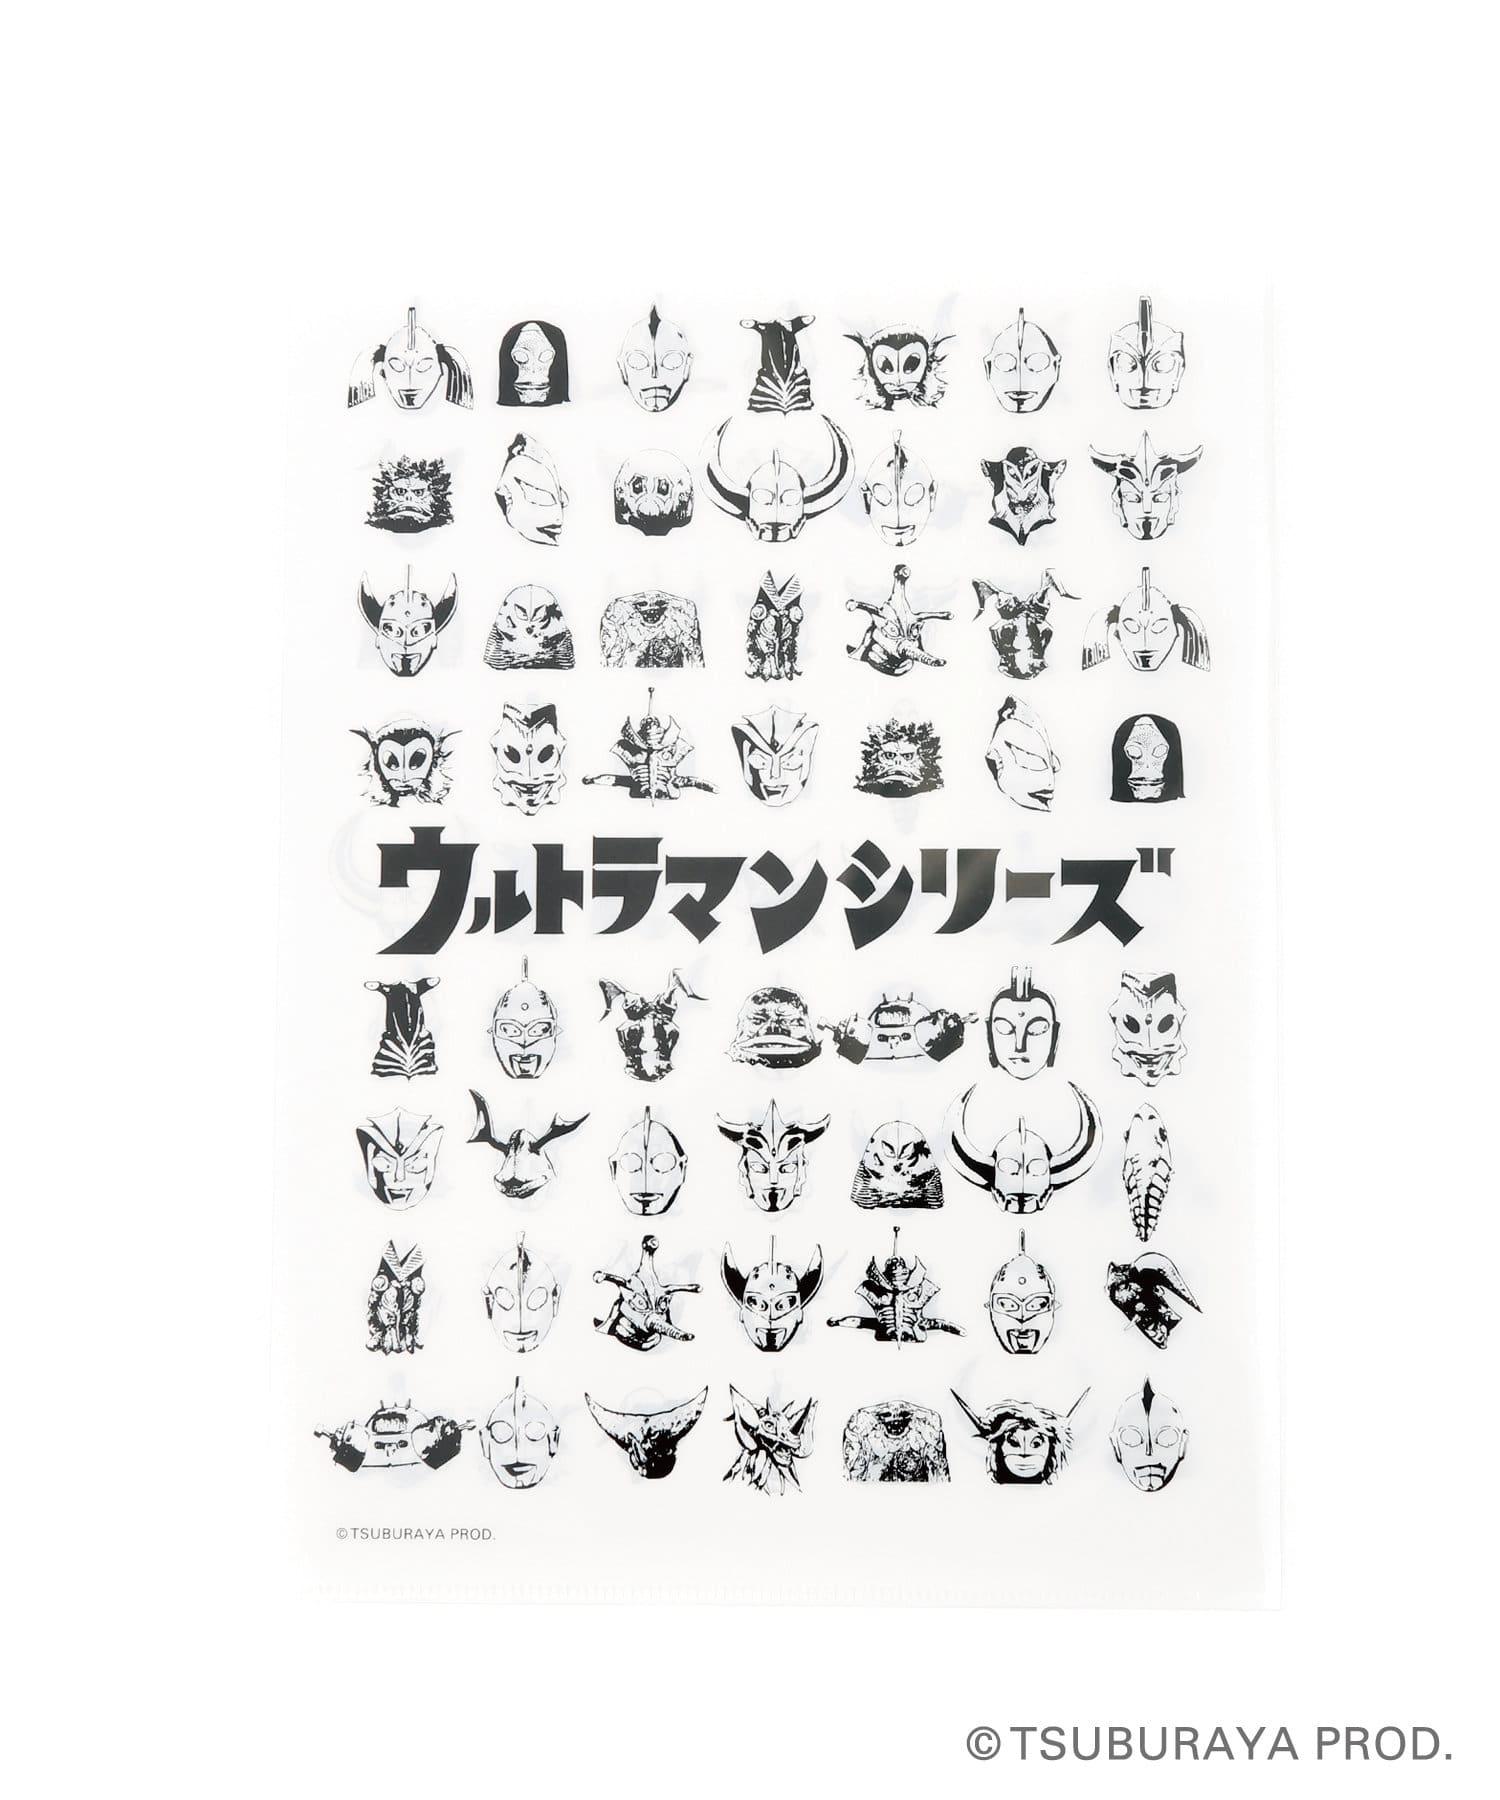 3COINS(スリーコインズ) 【ASOKO】【ウルトラマンシリーズ】クリアファイル4枚セット